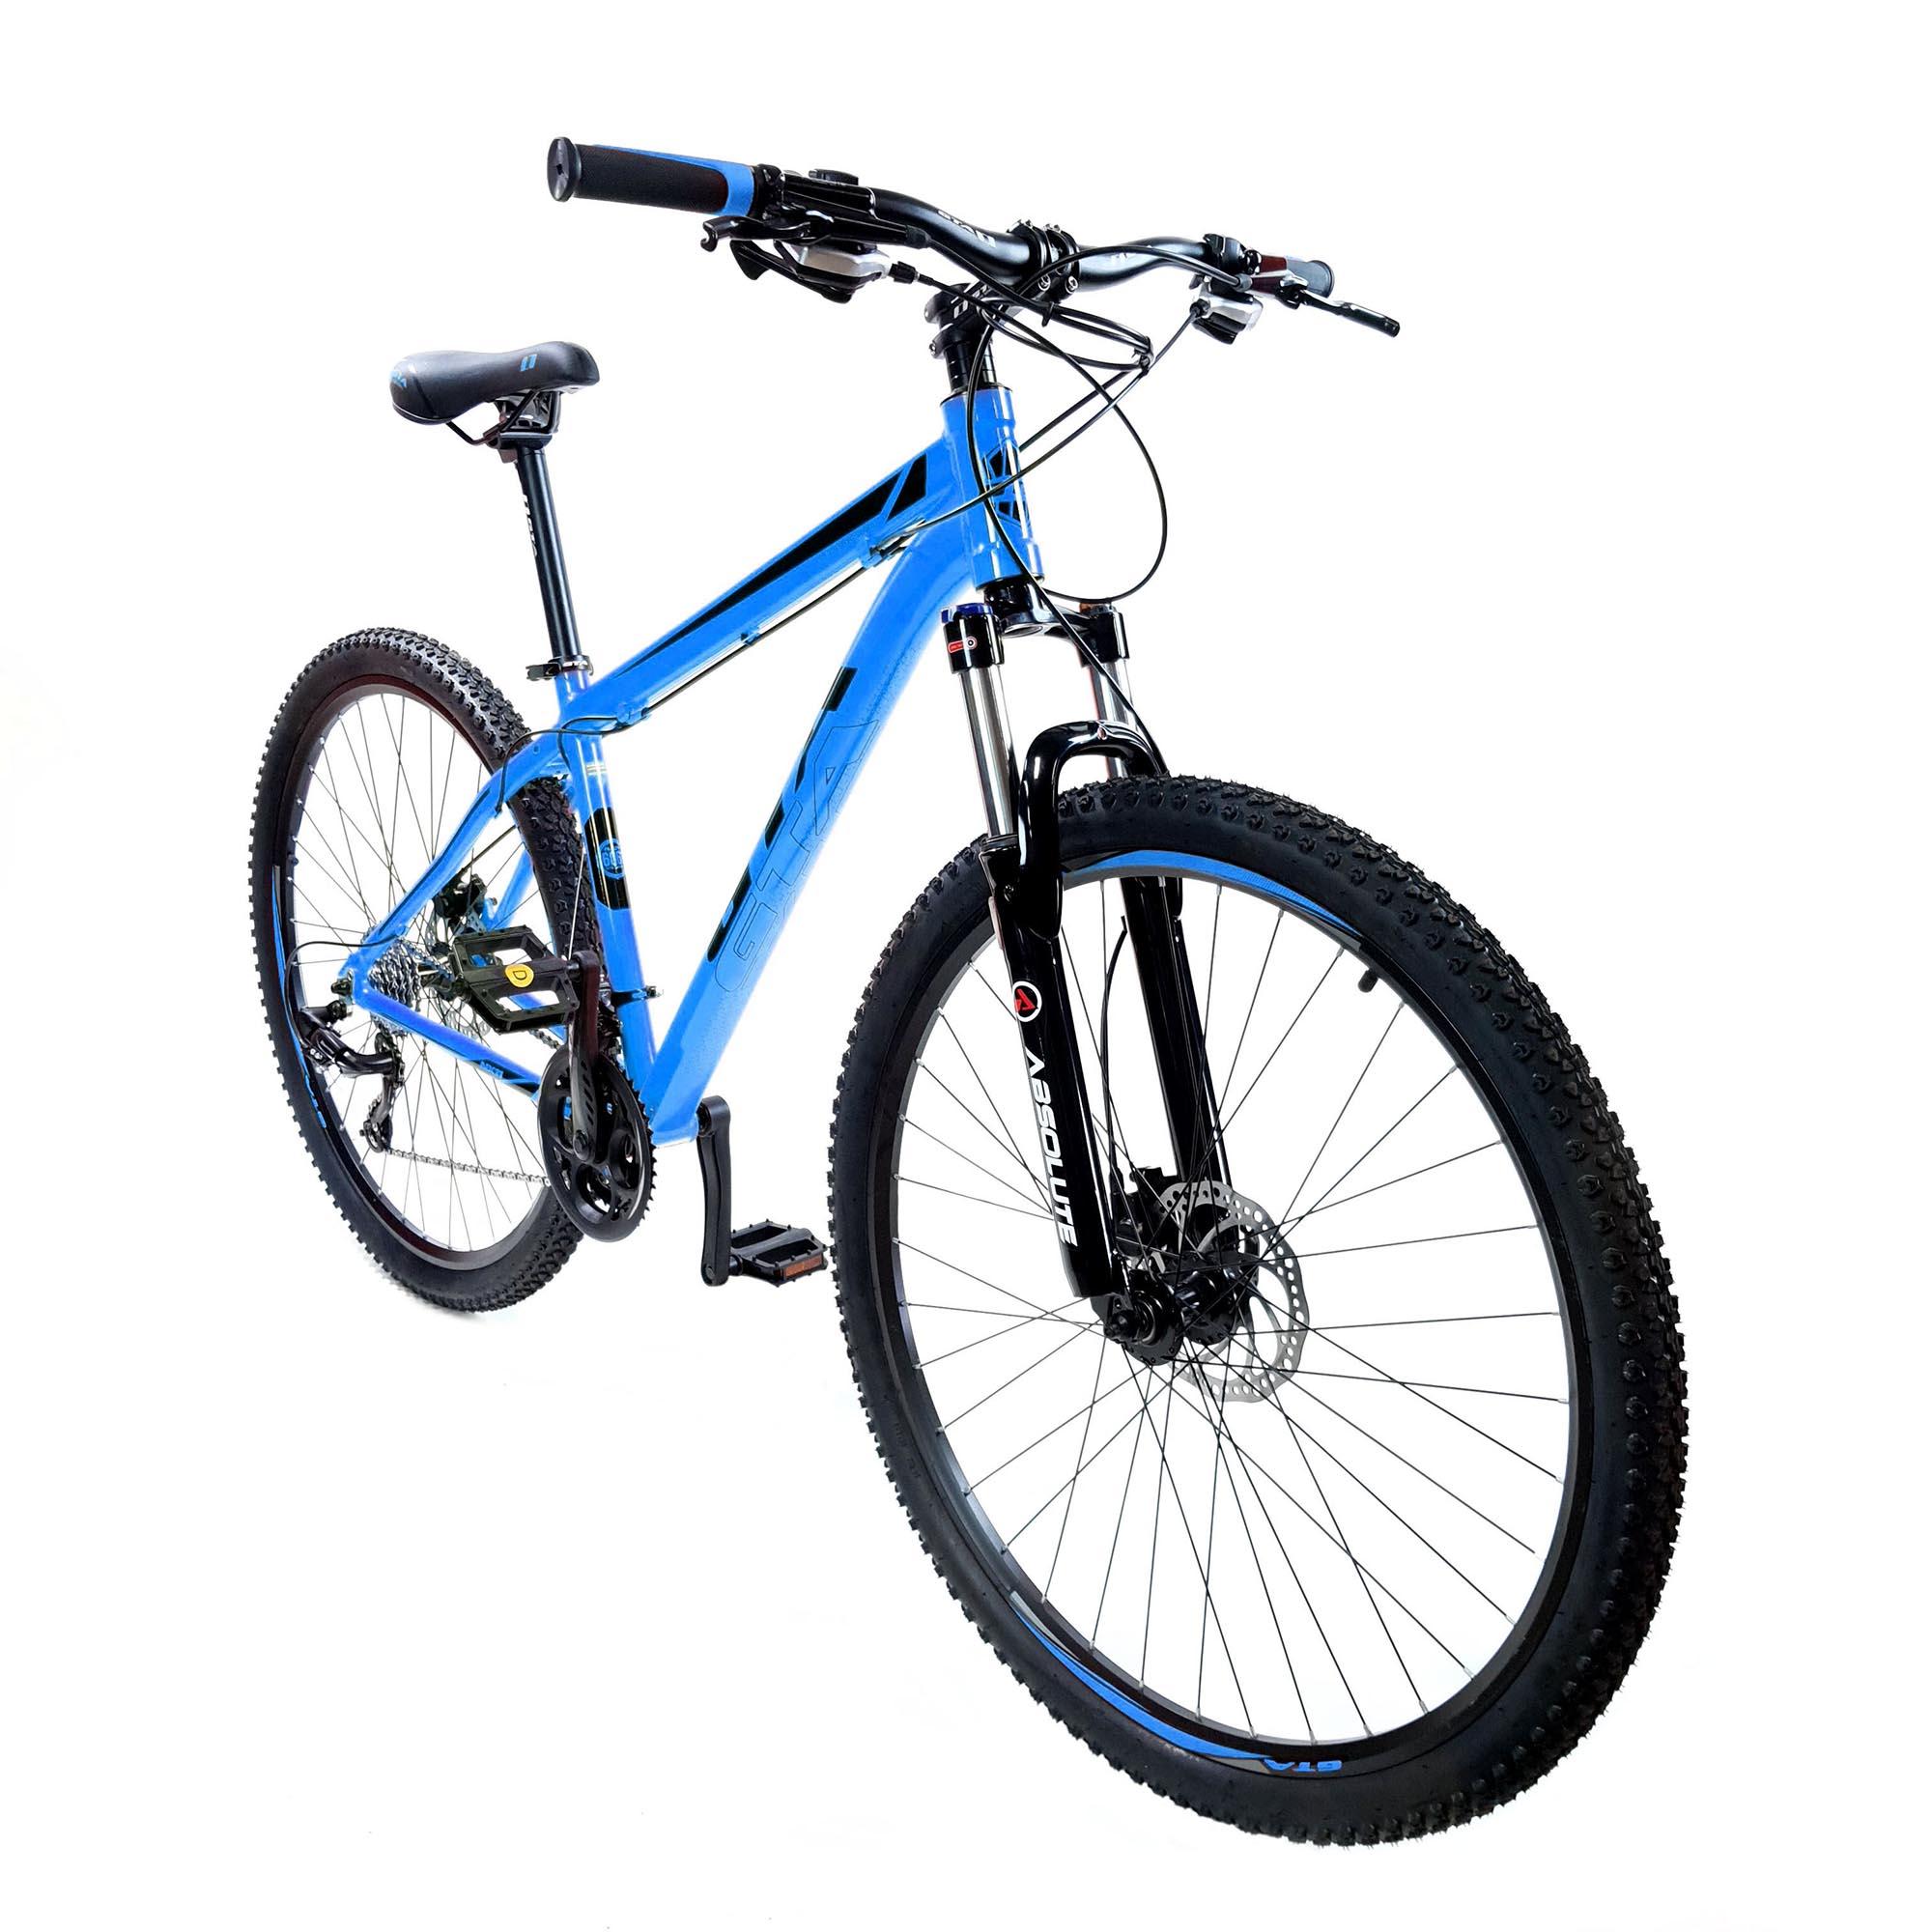 Bicicleta Aro 29 Gta NX11, Suspensão Mecânica Trava, Freio Absolute